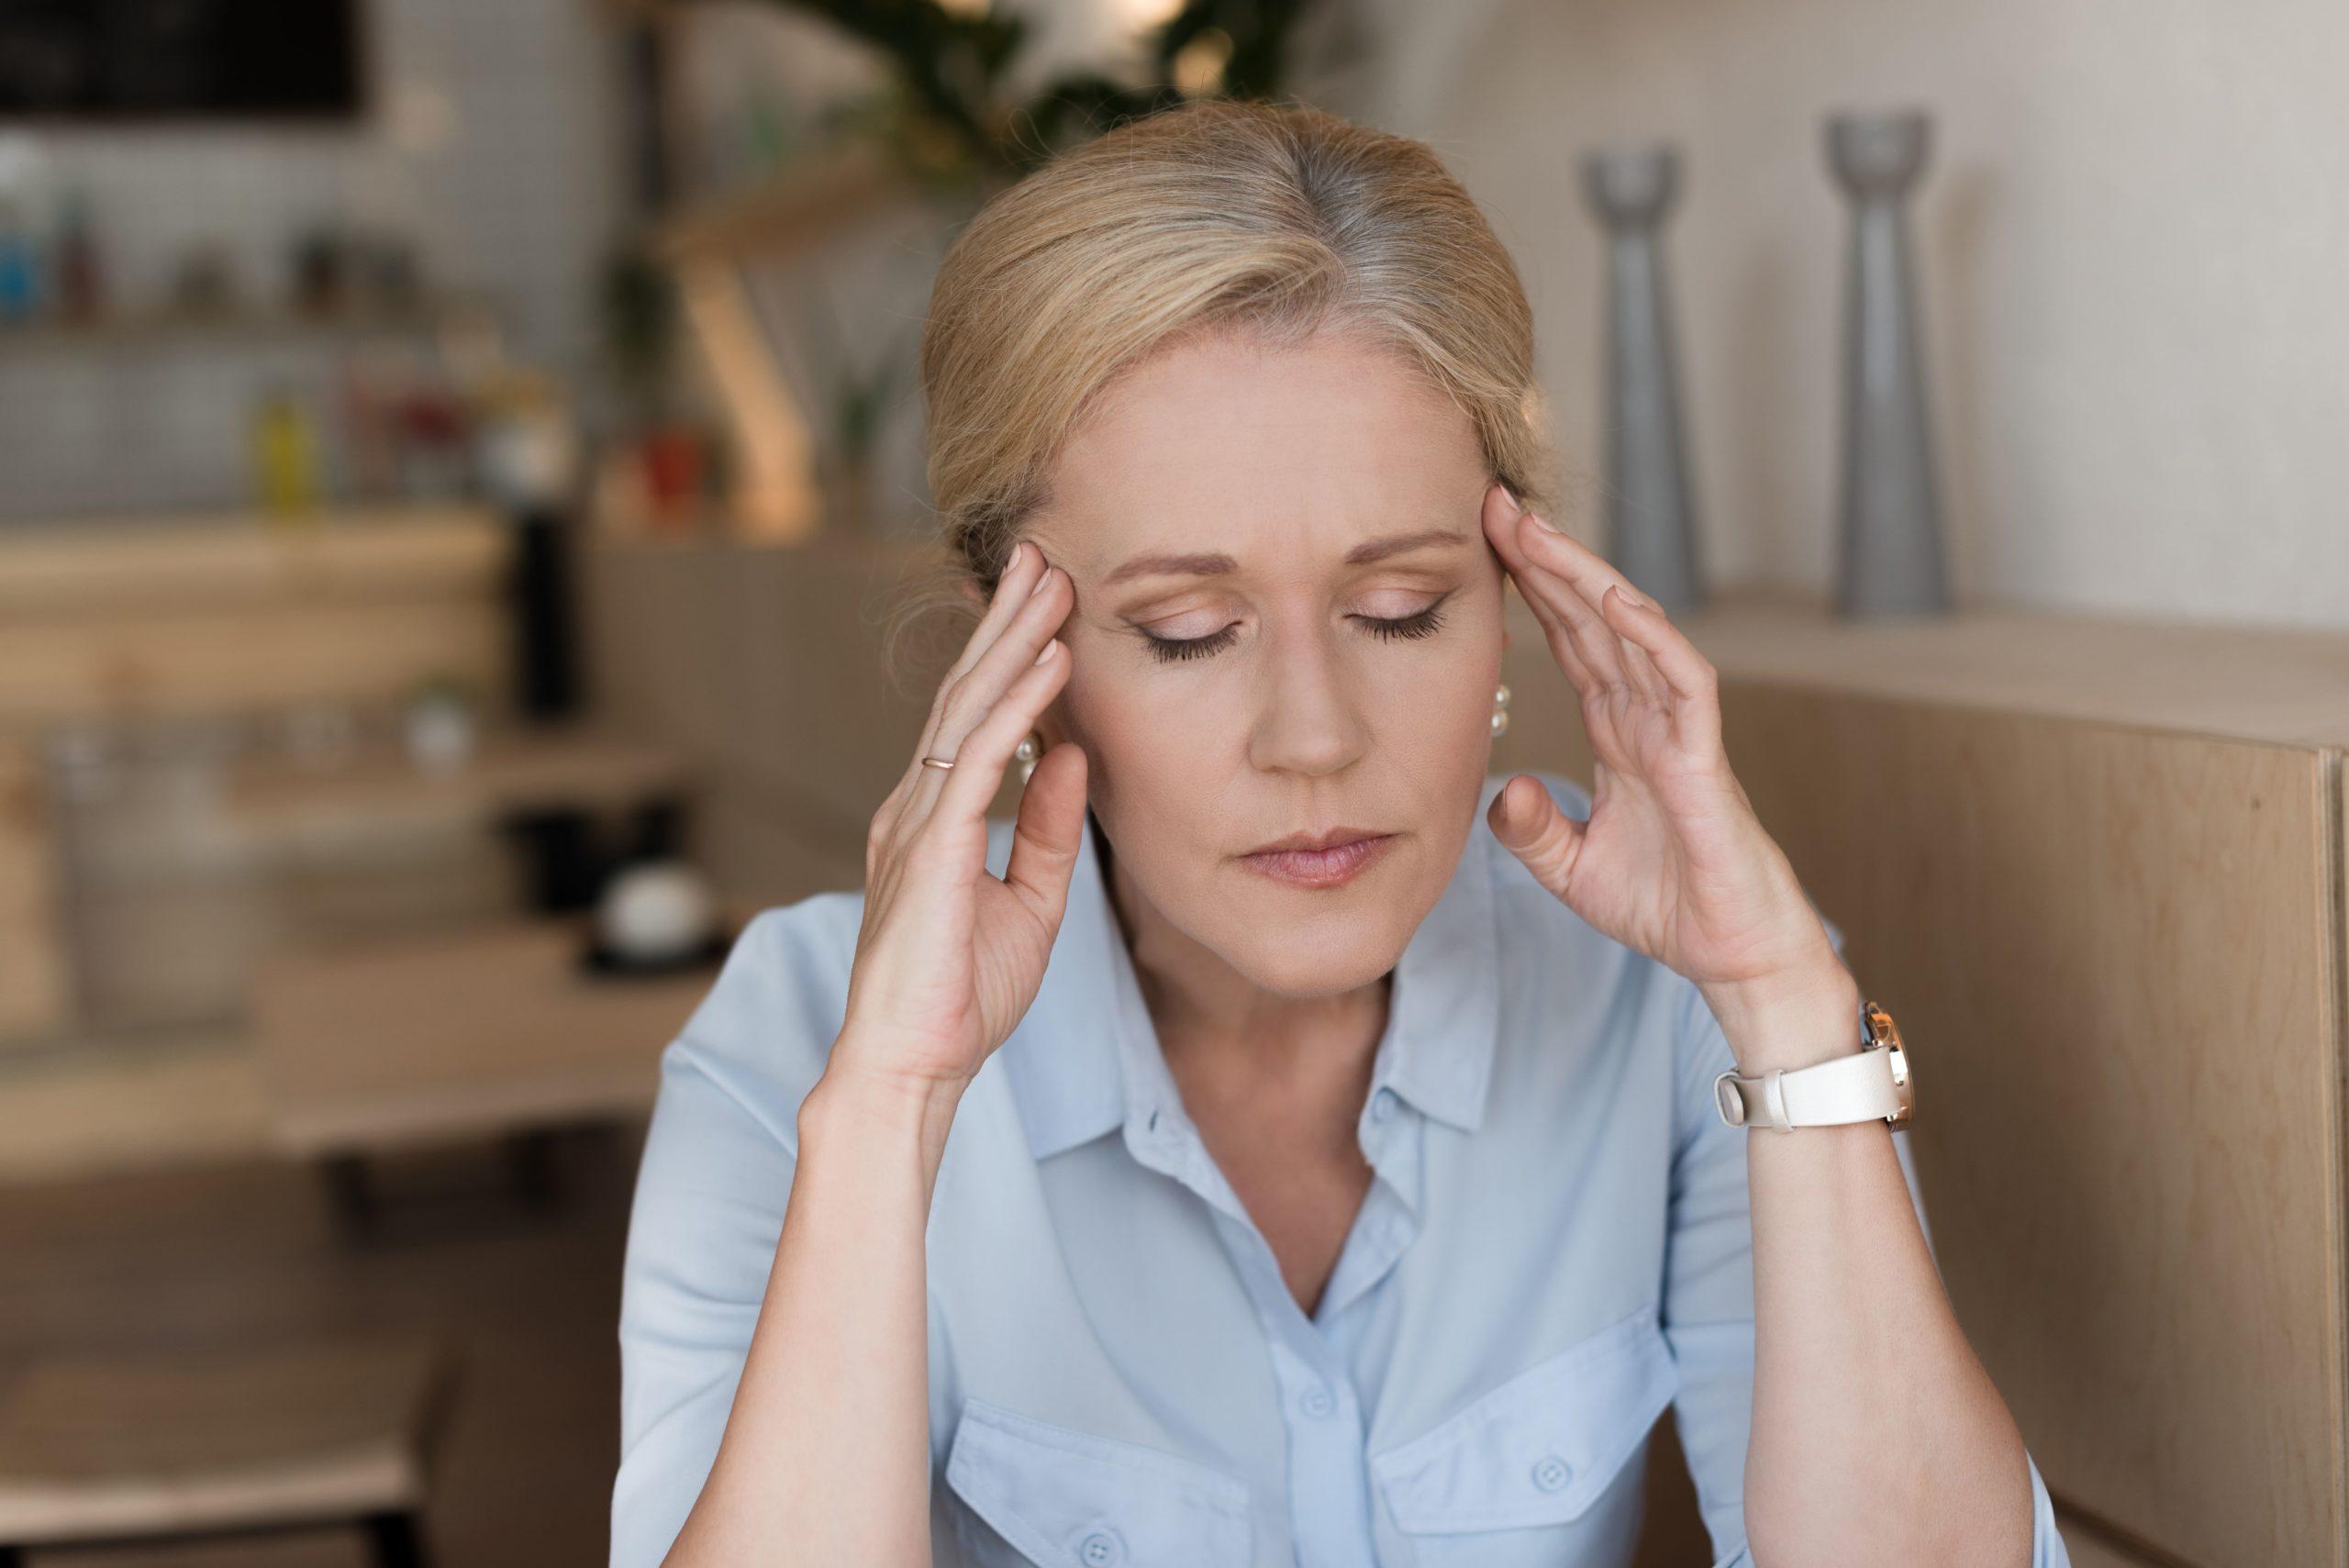 Frau hat ihre Hände an den Schläfen. Sie sieht gestresst aus.